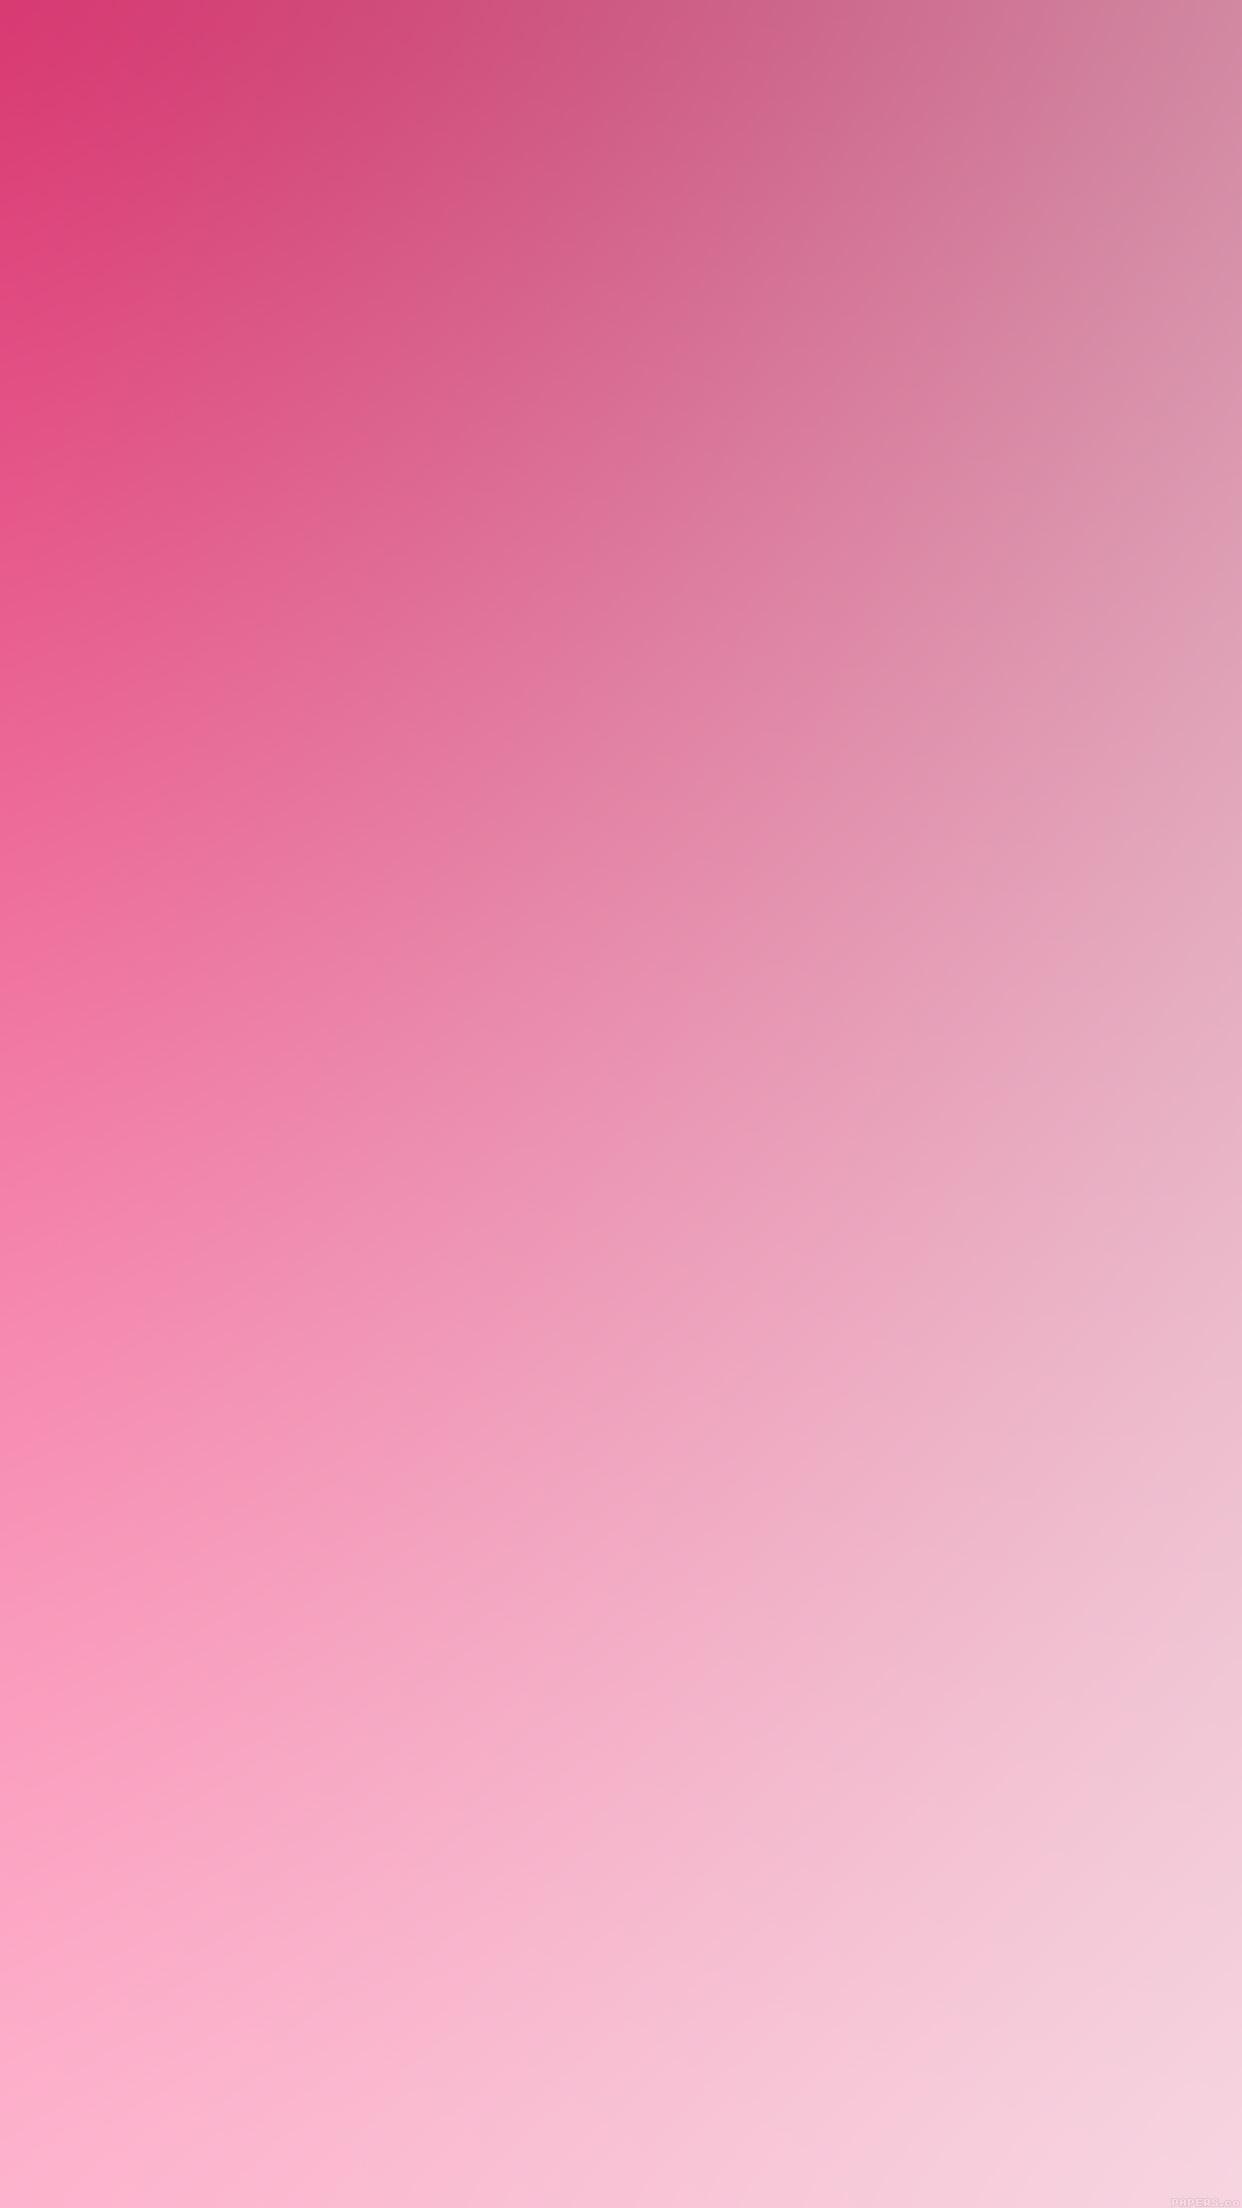 ピンクのグラデーション Iphone6 Plus壁紙 Wallpaperbox